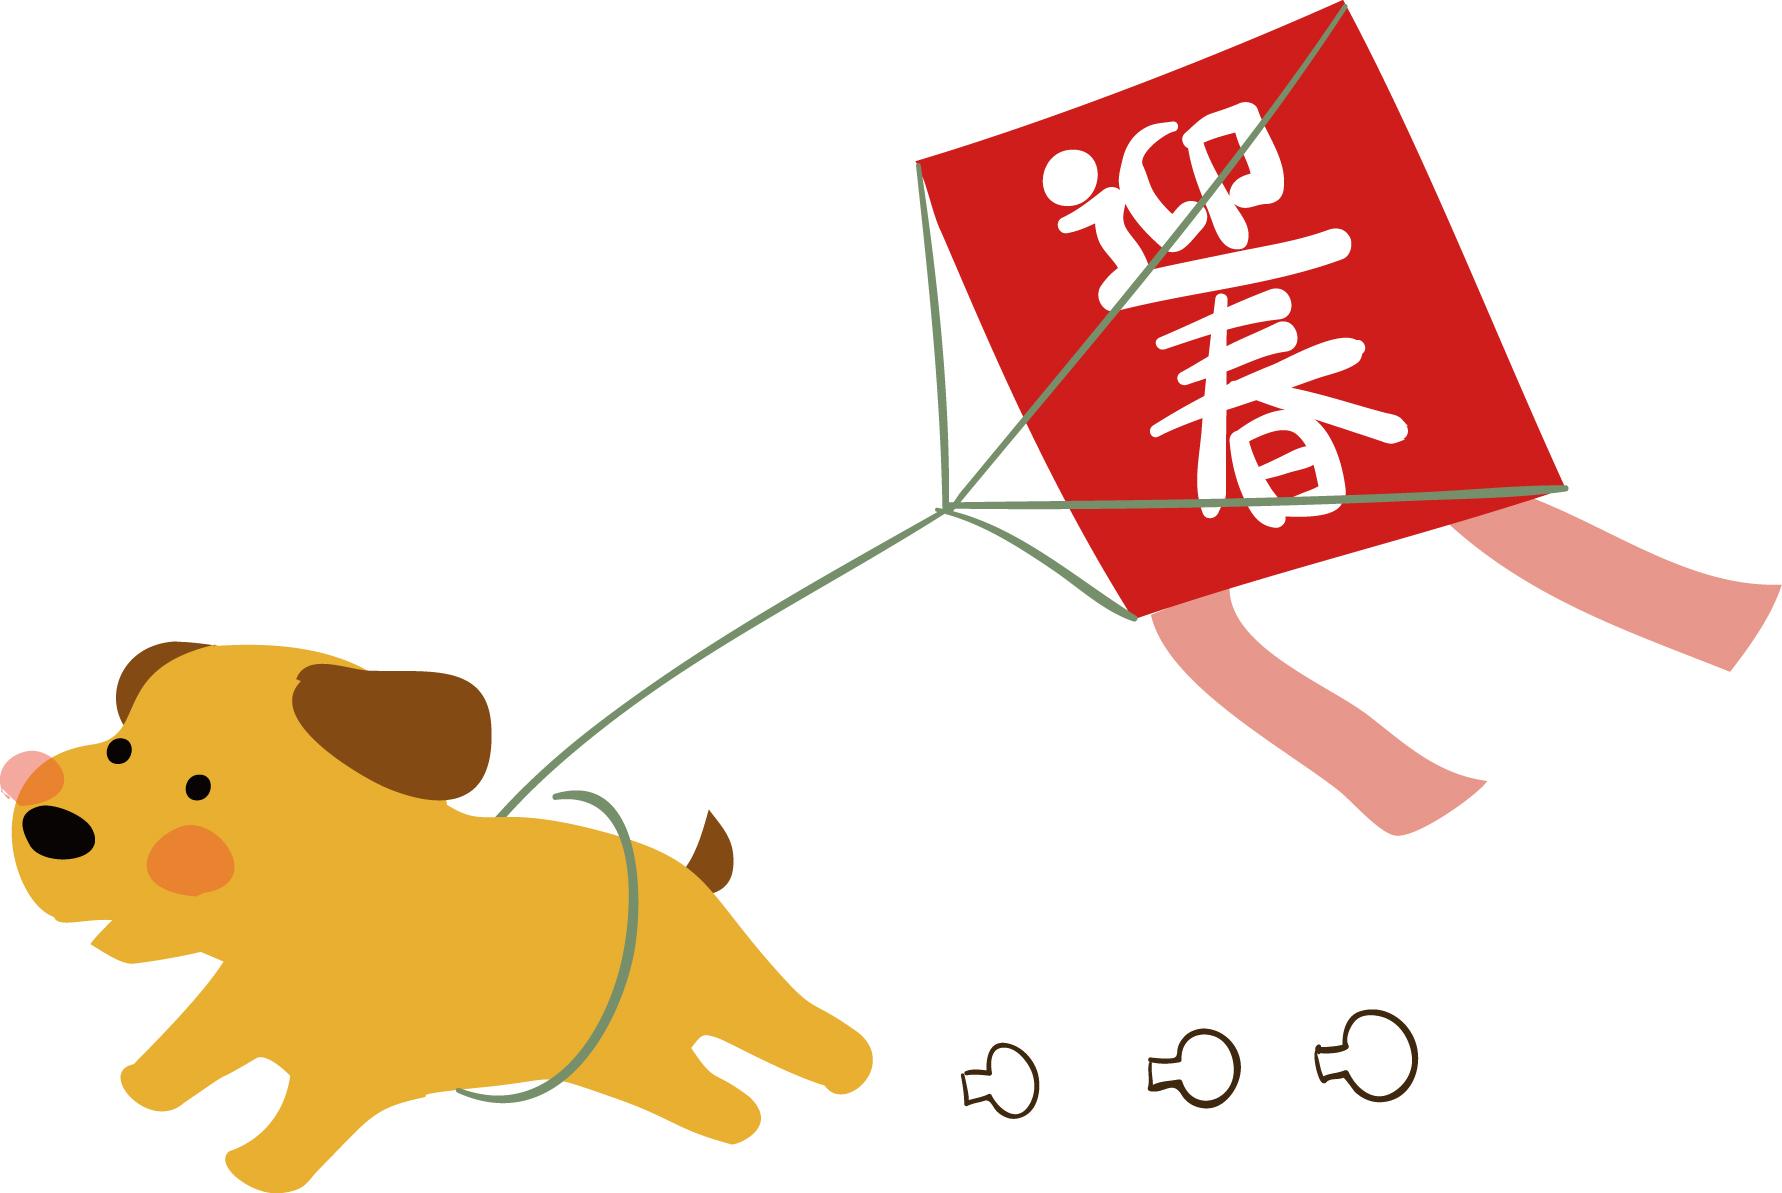 戌年の年賀状イラストサイト紹介 | 無料!可愛いイラスト